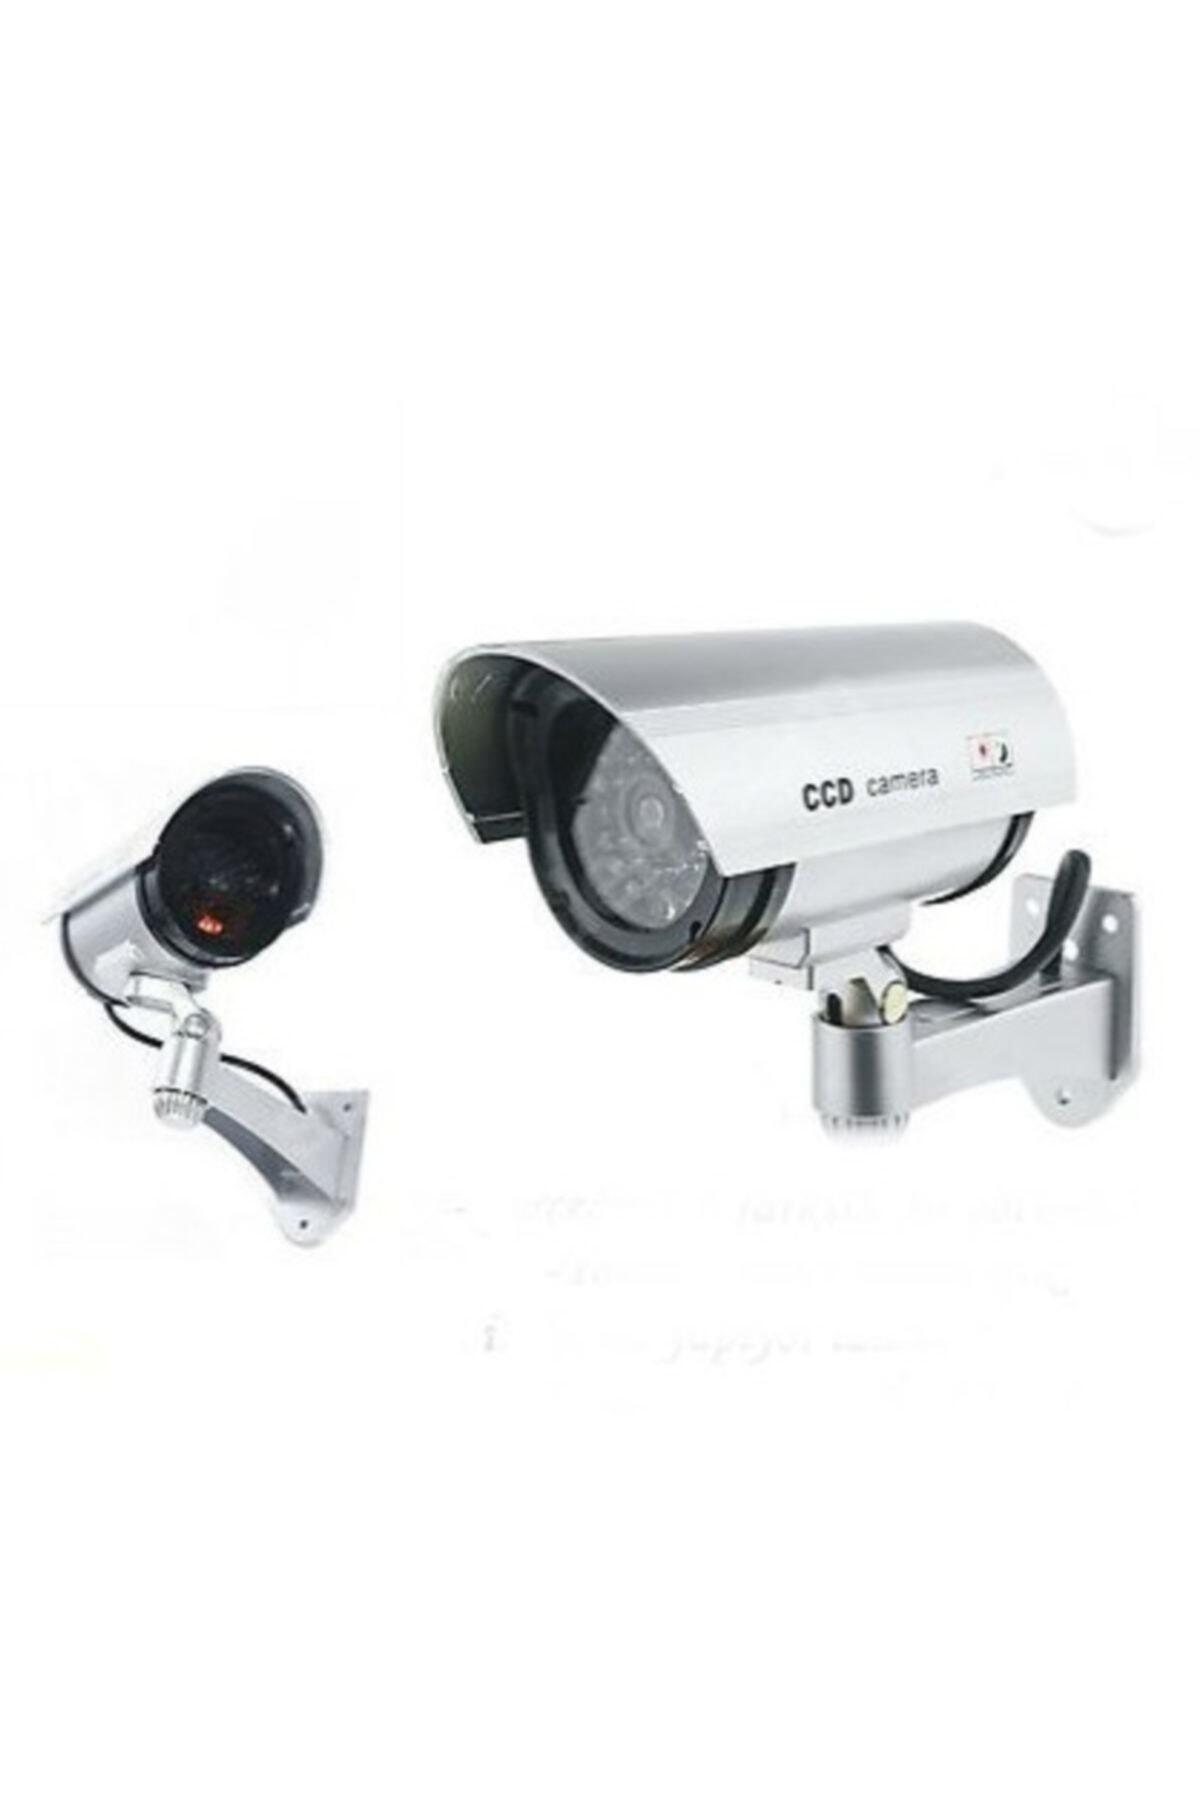 Esepetim Caydırıcı Led Işıklı Sahte Güvenlik Kamerası Fiyatı, Yorumları -  TRENDYOL